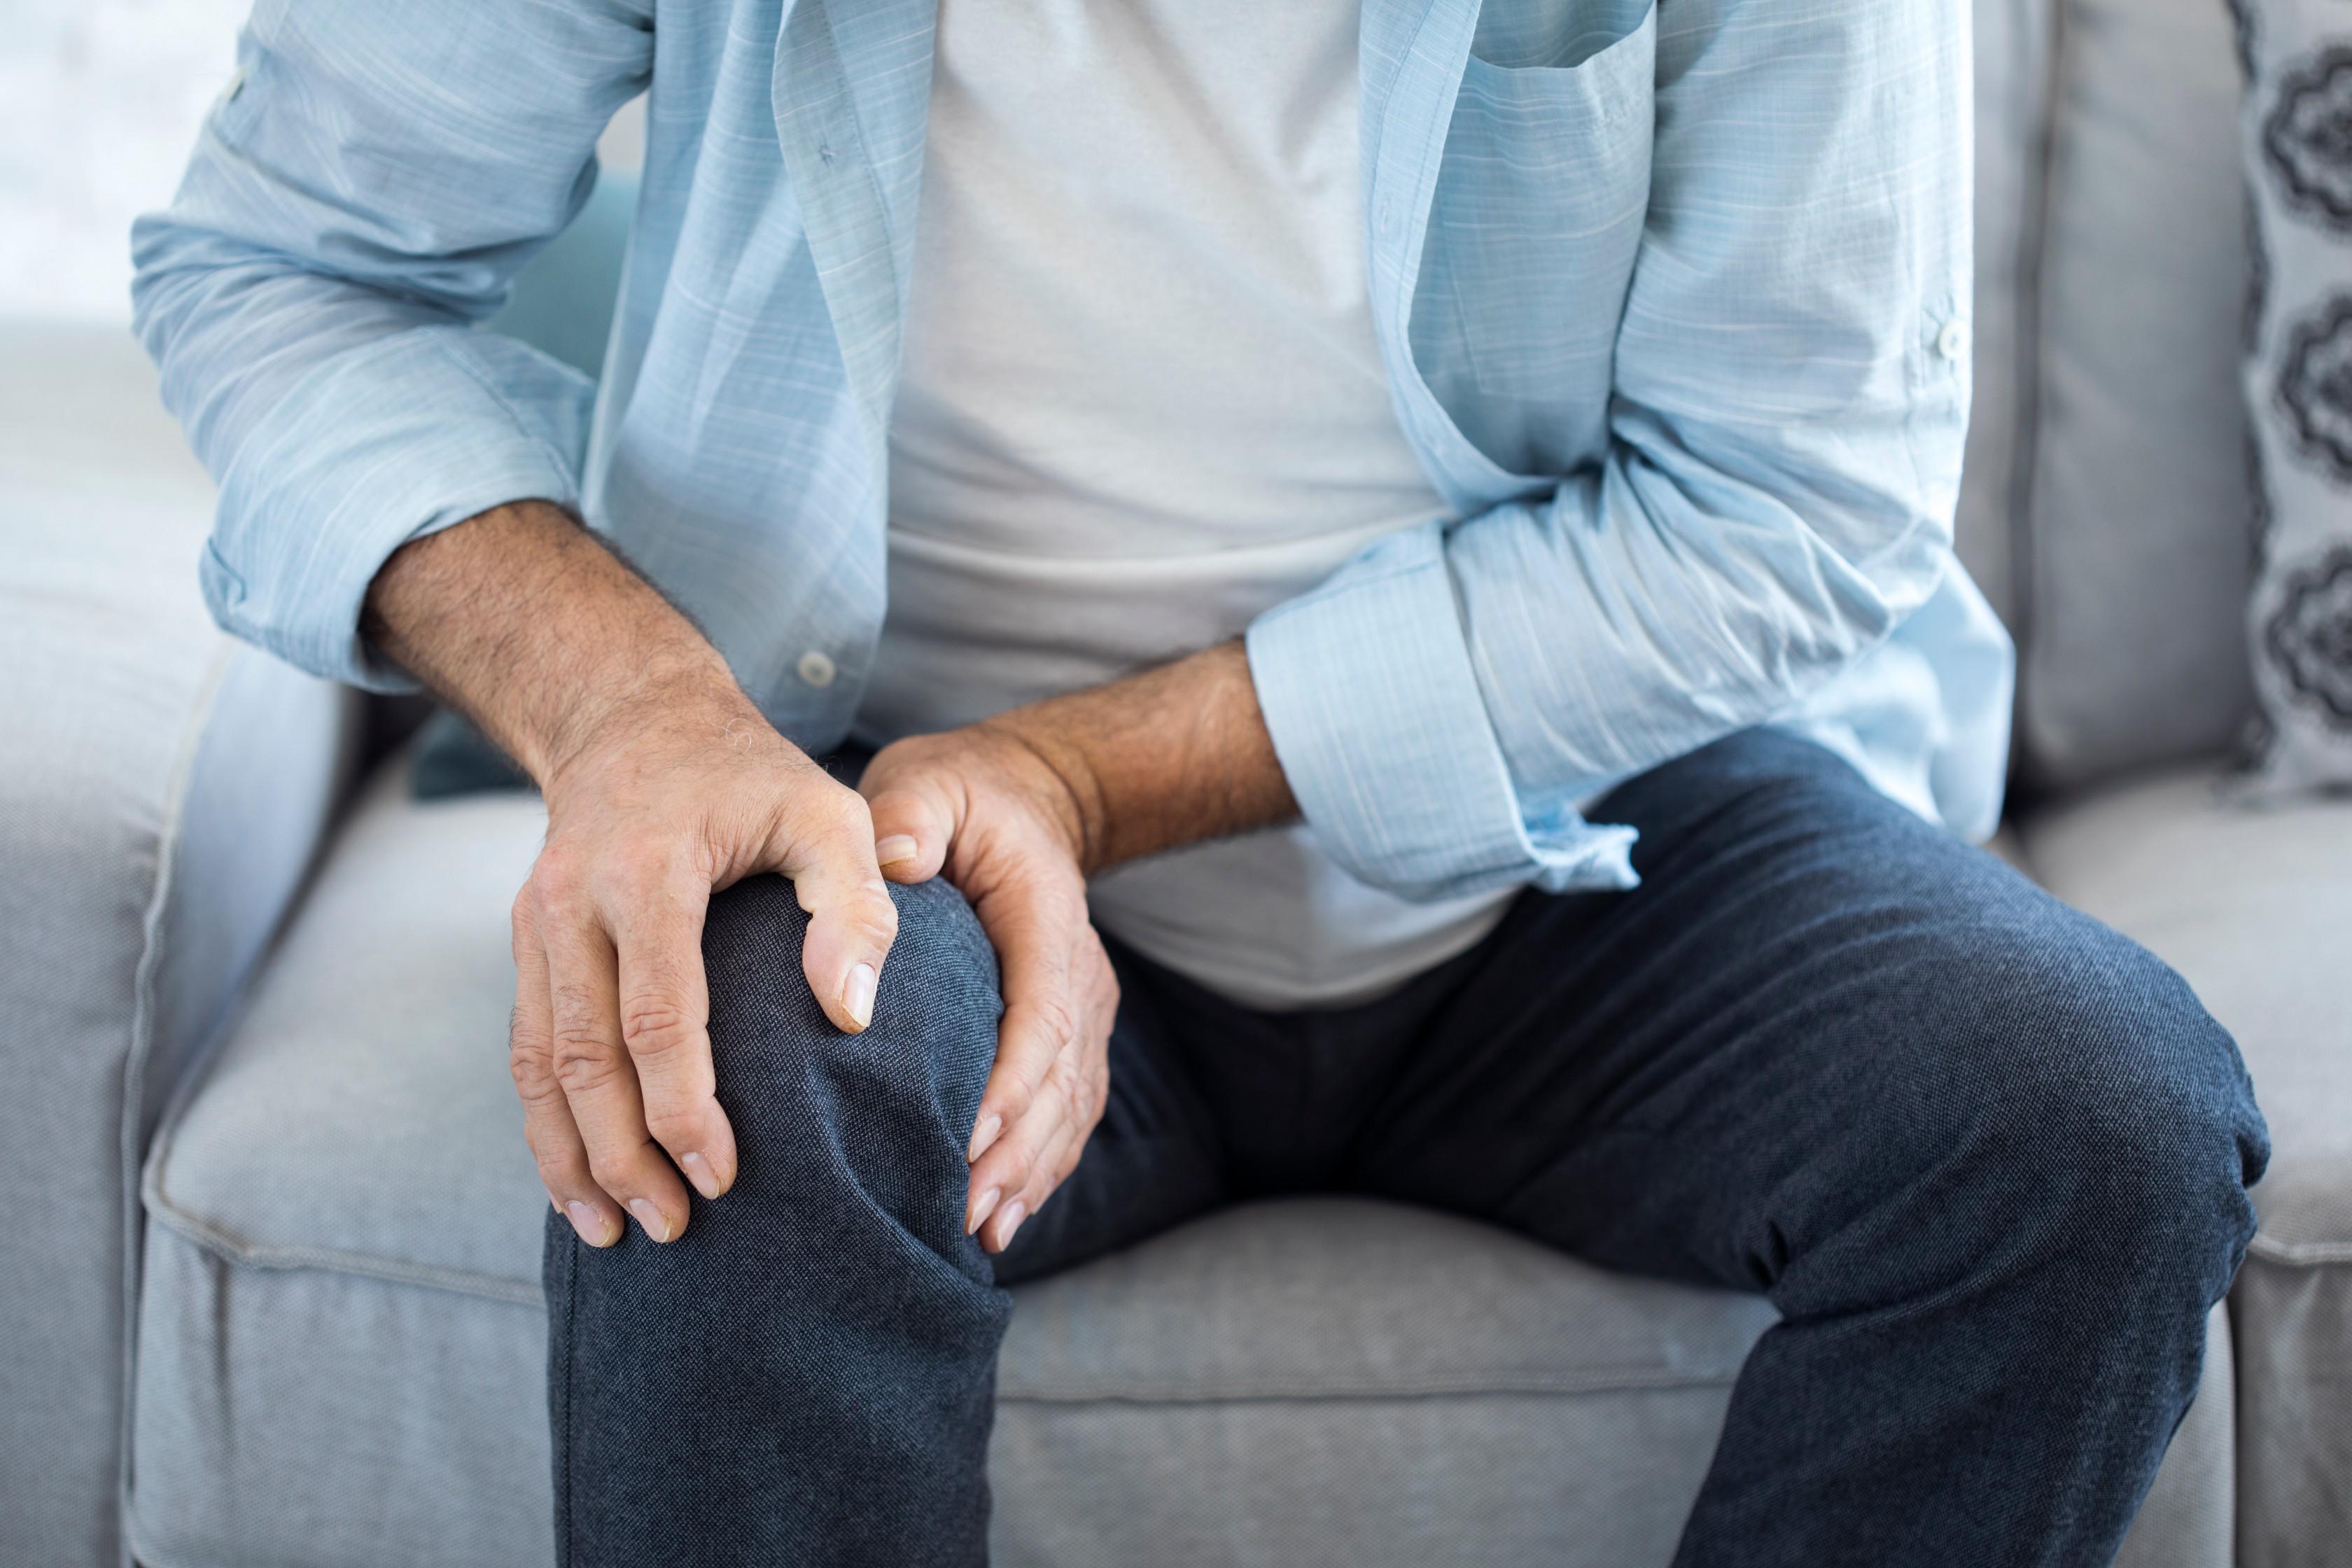 csípőízület nyújtó fájdalom zsineg)